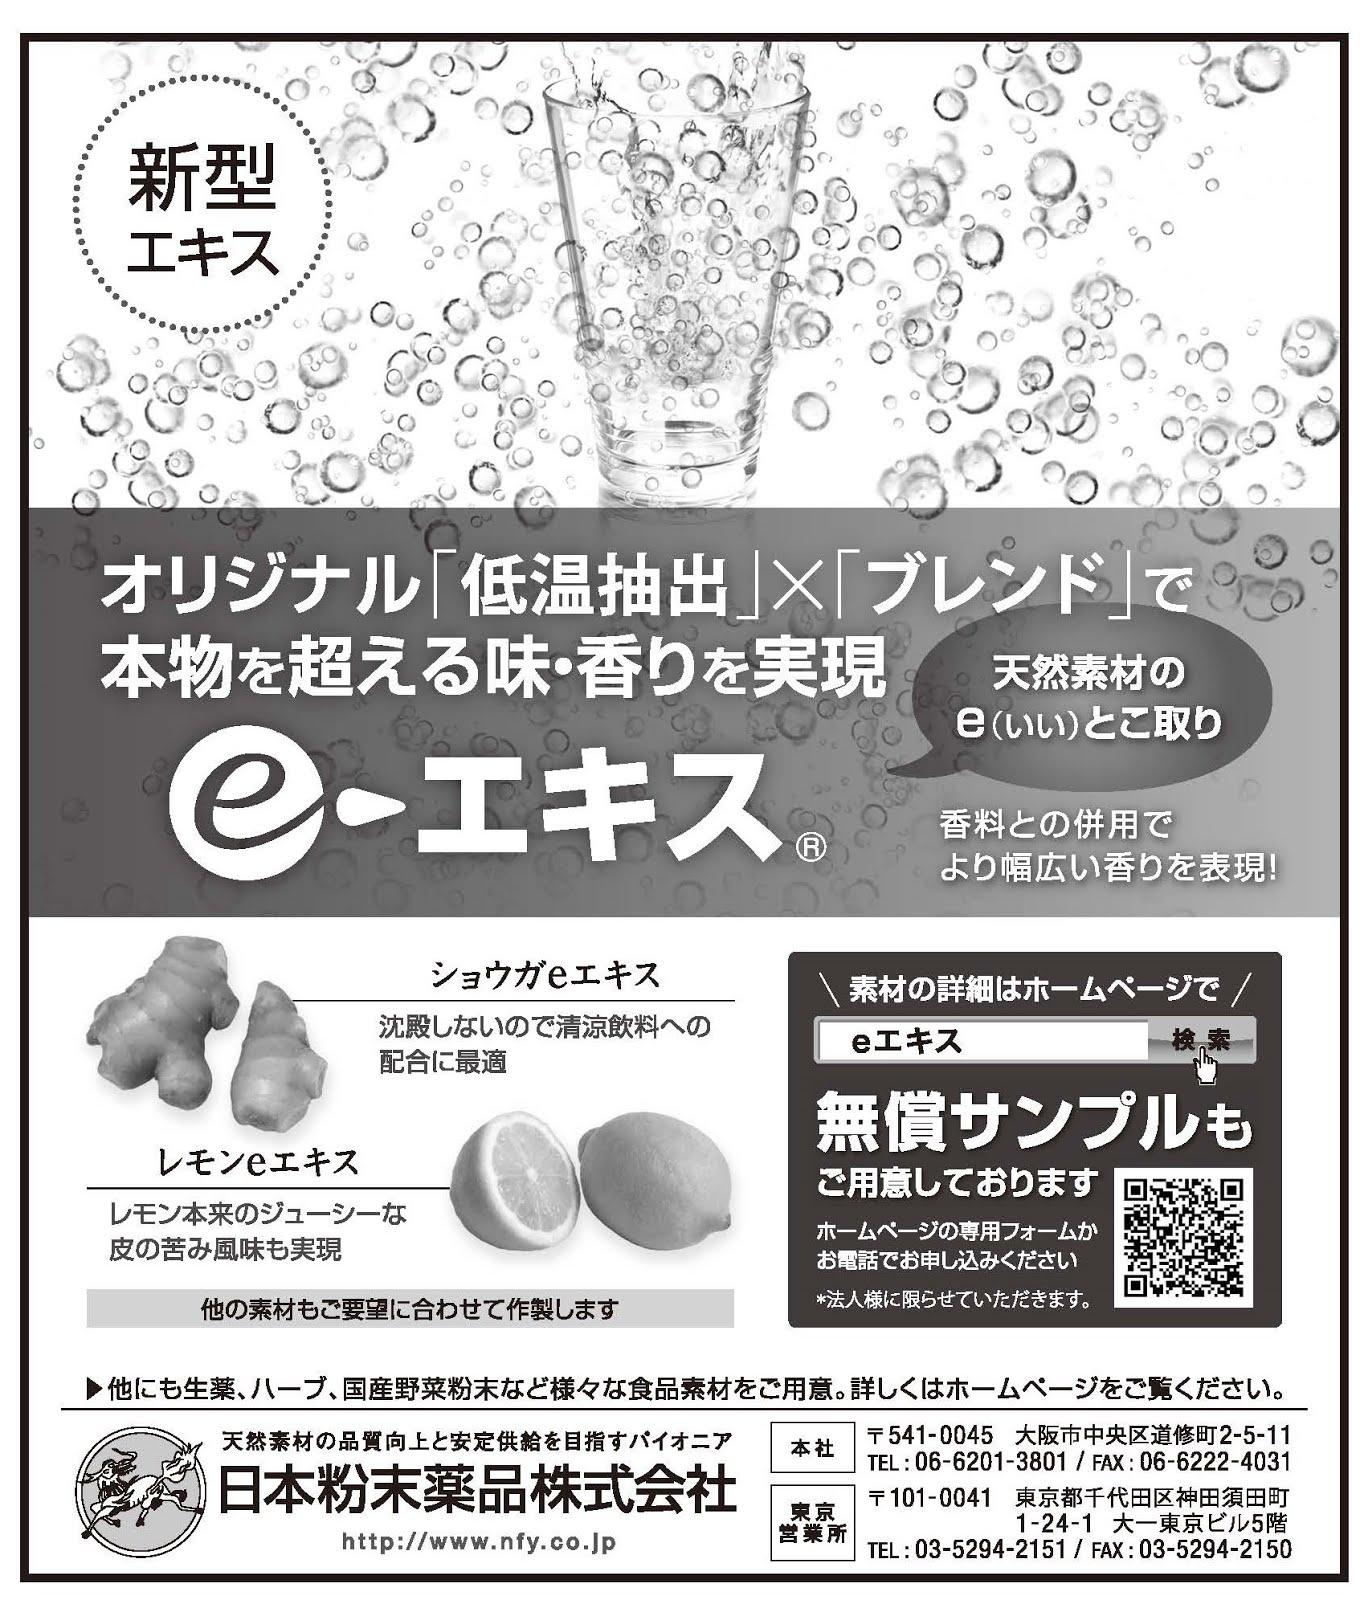 日本粉末薬品㈱広告